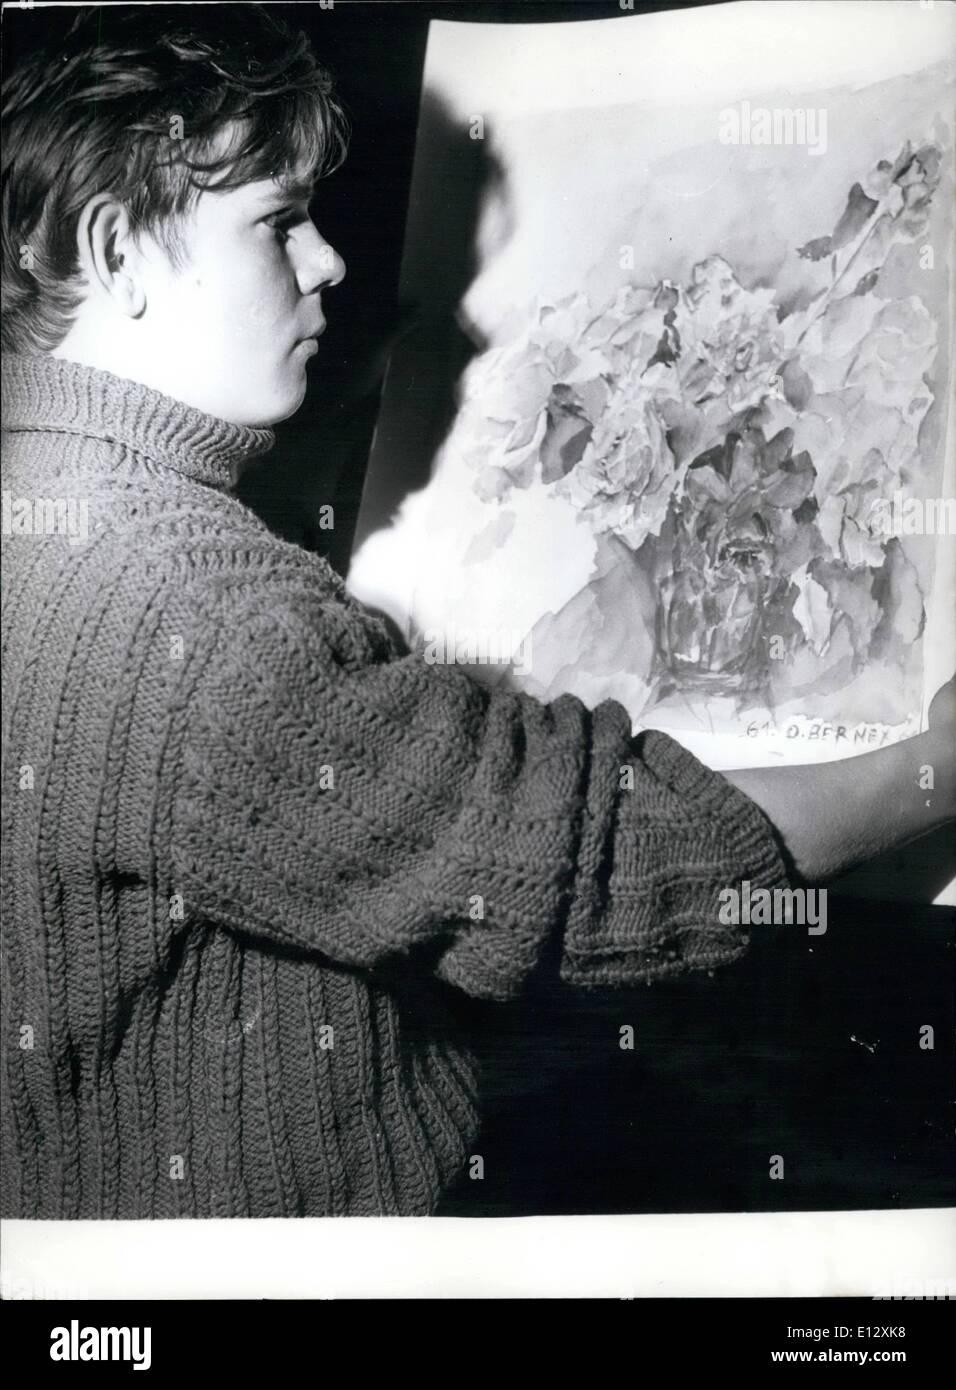 10 févr. 26, 2012 - quinze ans peintre expose à Paris. Une rive gauche art gallery est maintenant montrant la peinture réalisée par un peintre de 15 ans Olivier Bernex. OPS: Le jeune artiste photographié devant un de ses tableaux. Photo Stock